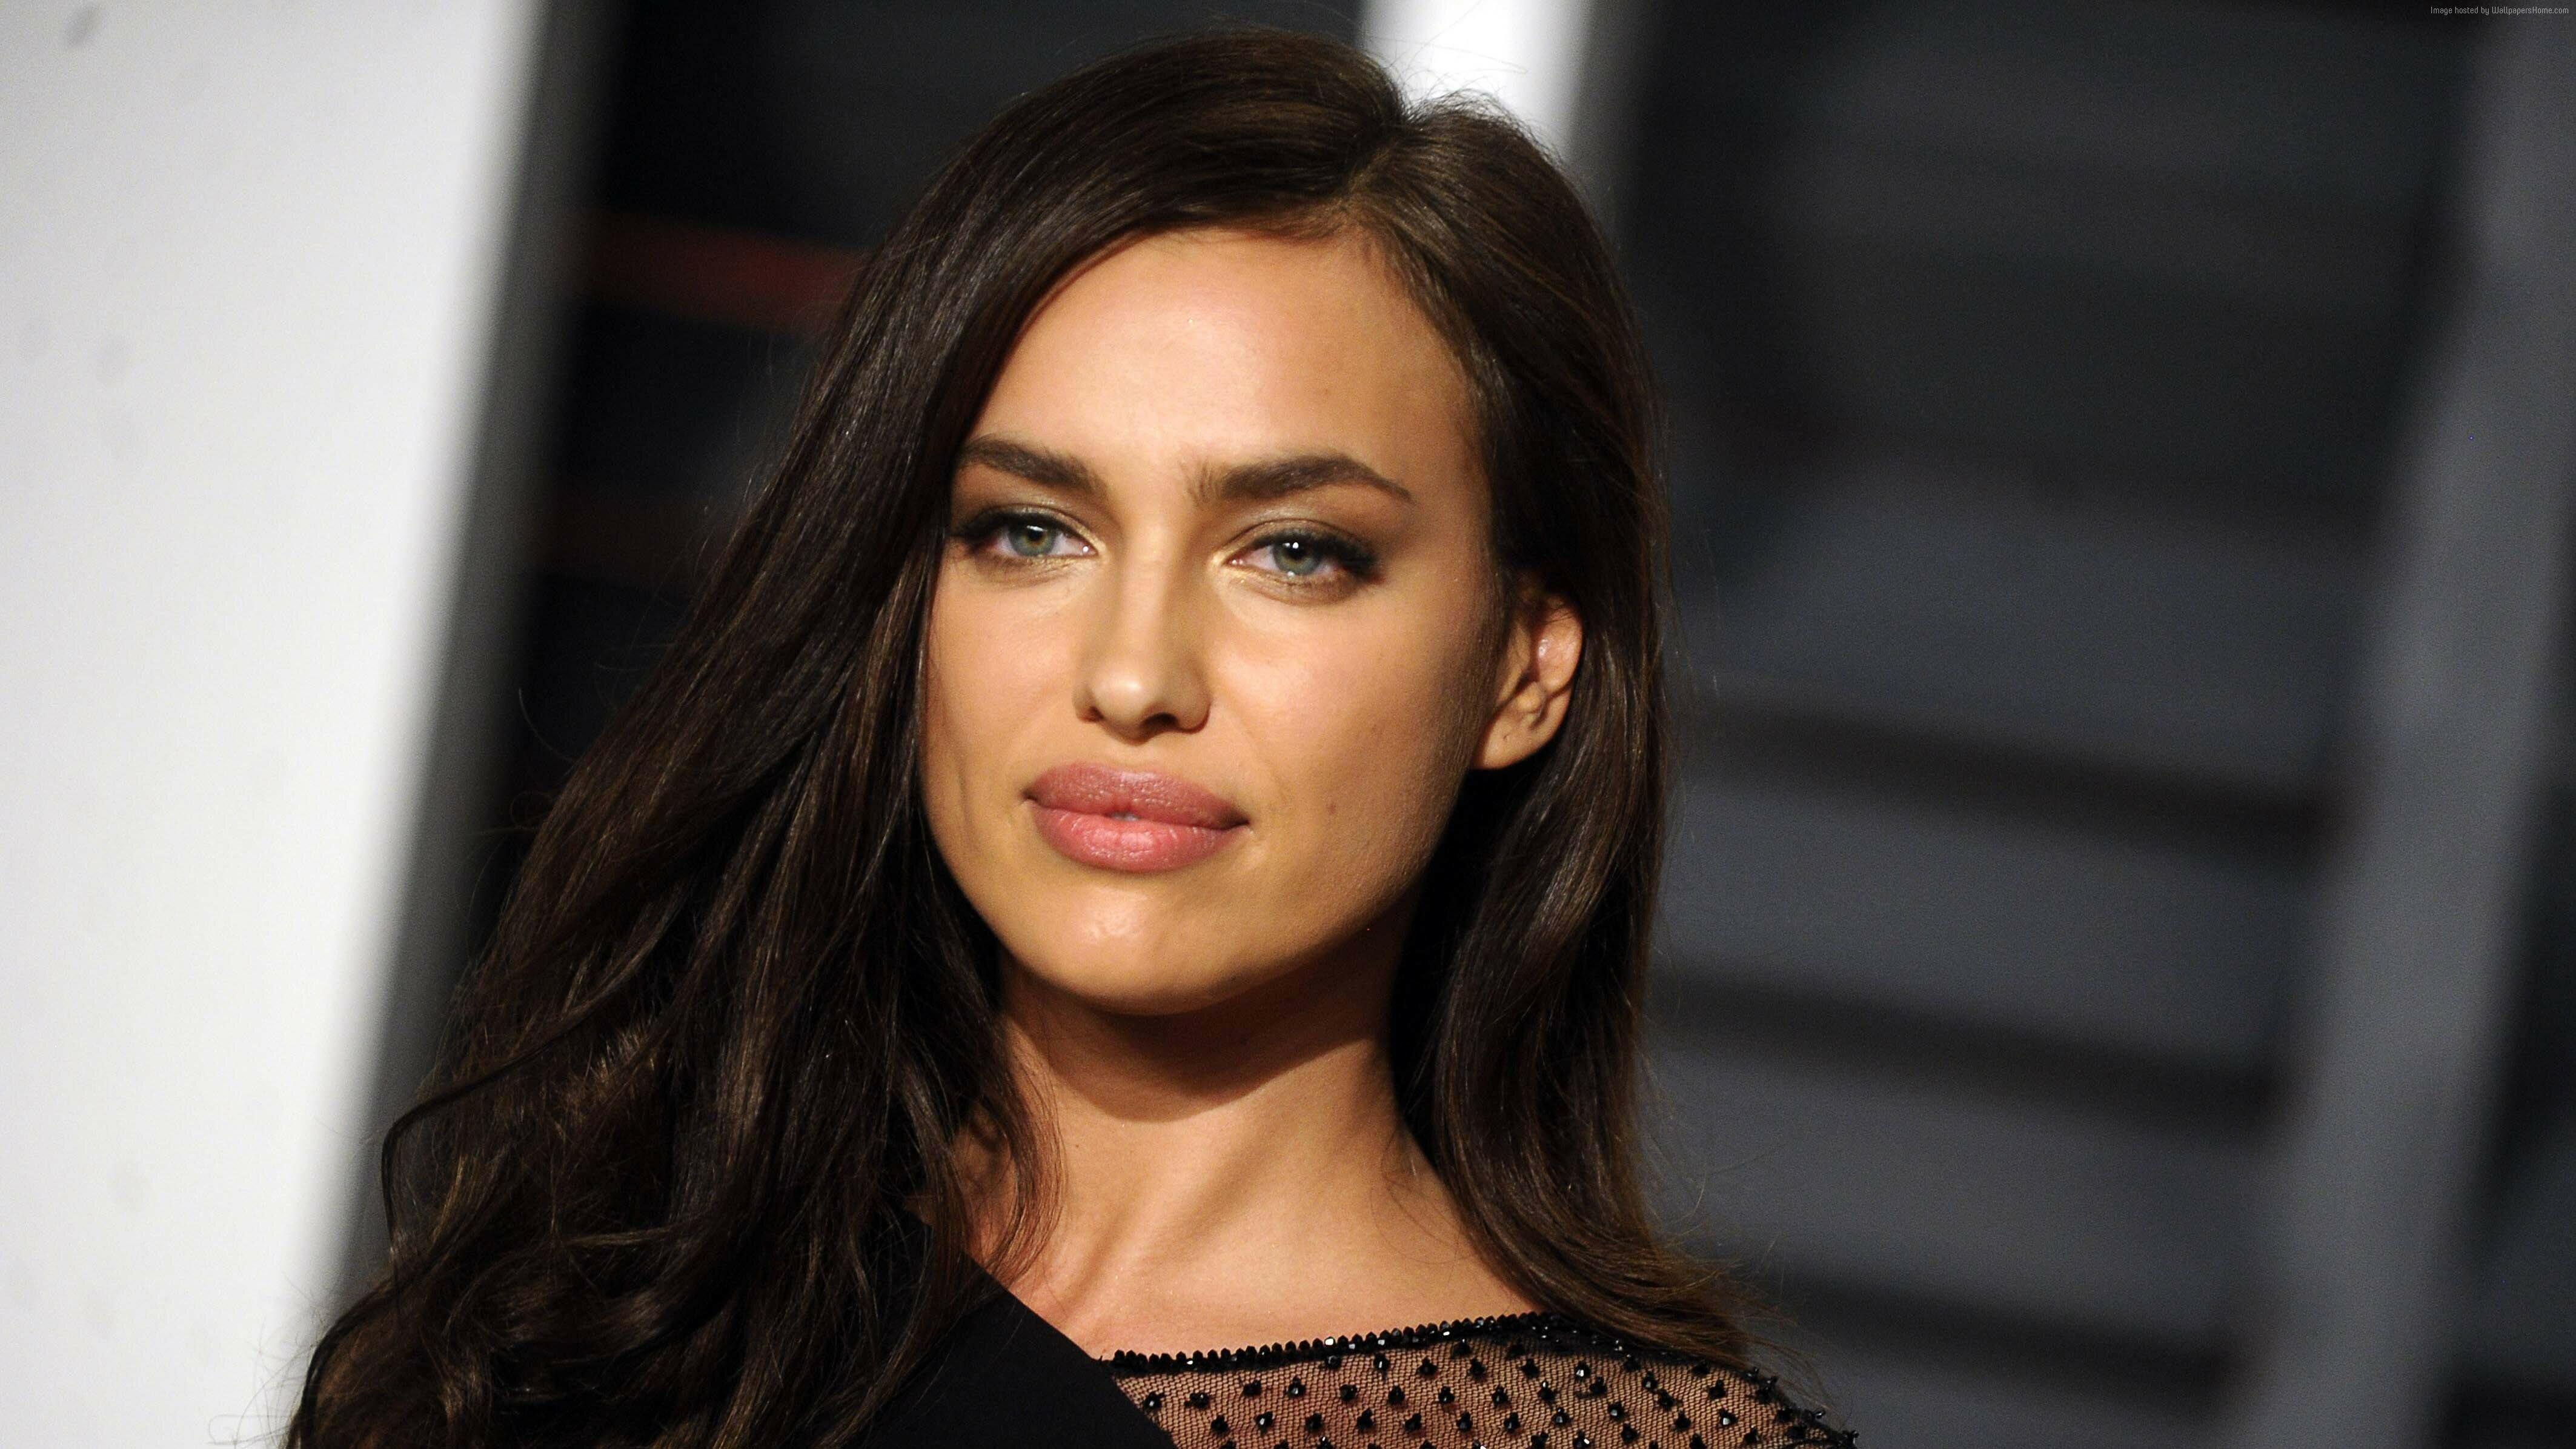 Топ-5 самых успешных российских звезд до 40 лет по мнению Forbes